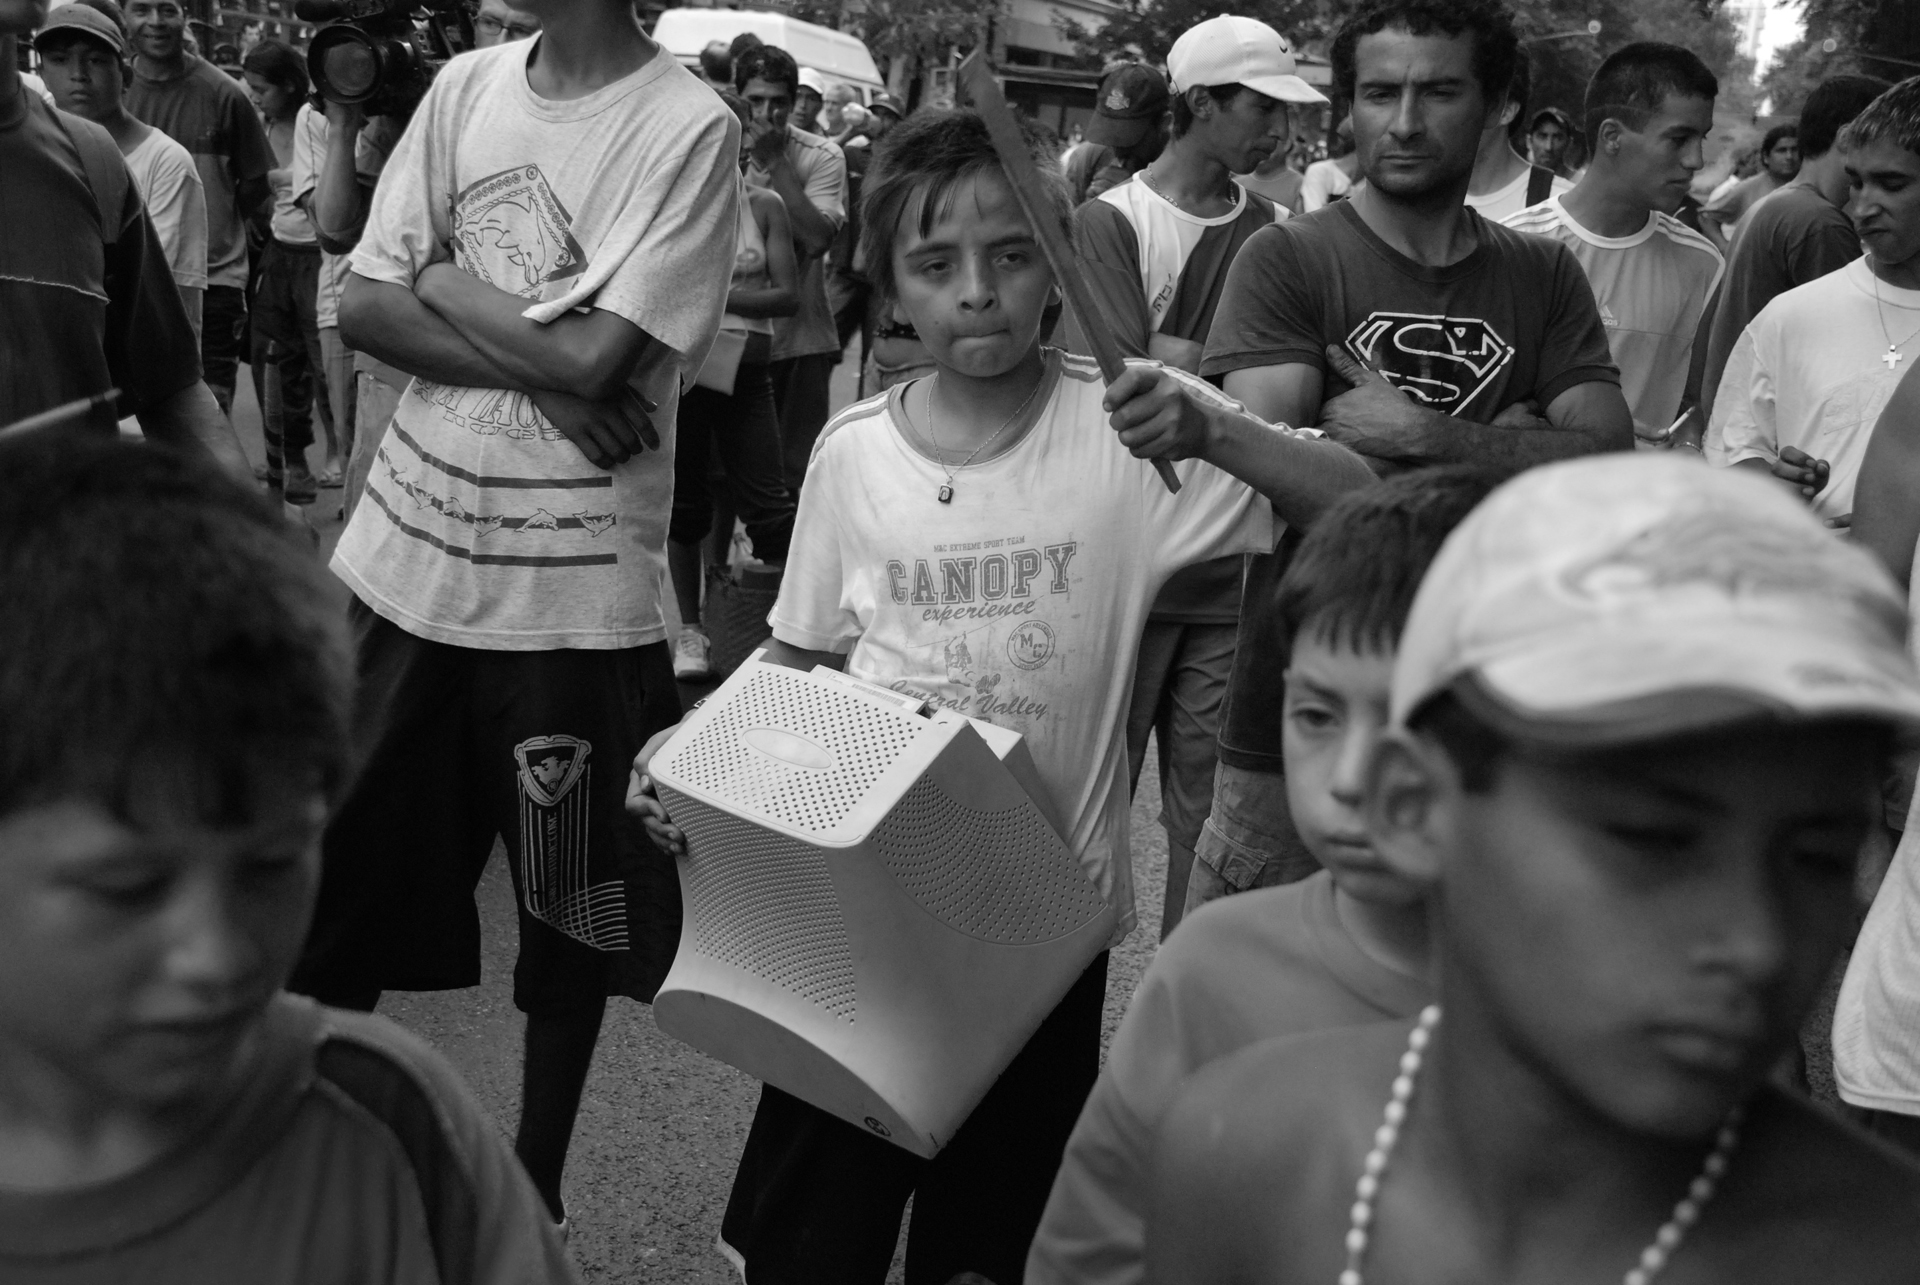 בואנוס איירס - הפגנה - צדק לעם - יואל שתרוג - אדמה יוצרת - yoel sitruk